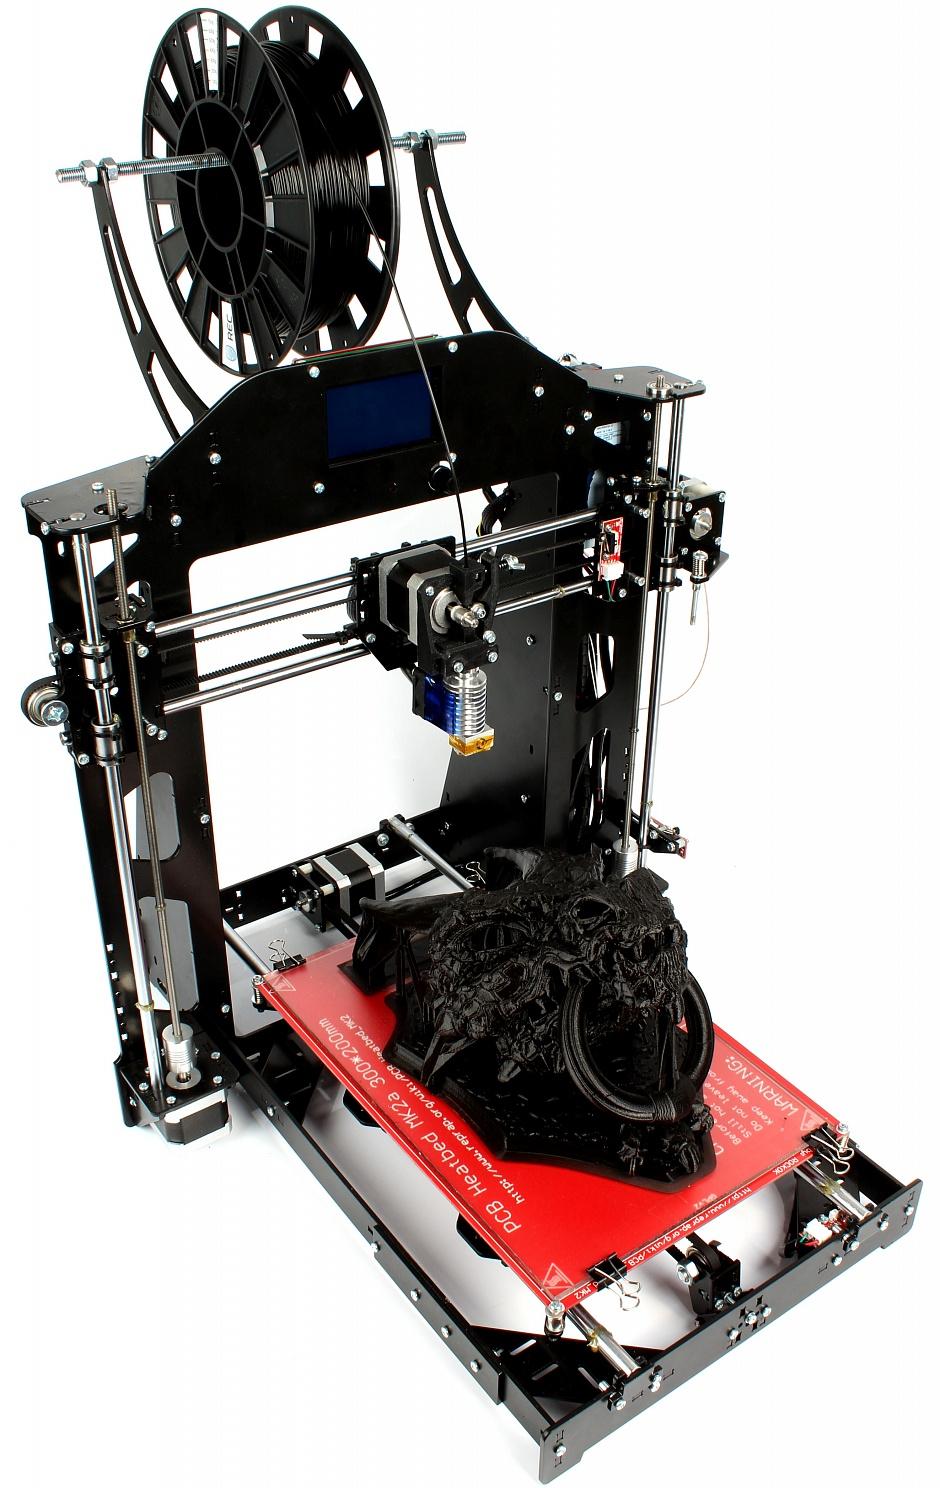 Блог владельца 3d-принтера 3DiY  на каком 3d-принтере печатает ... 3153c3a33d10d